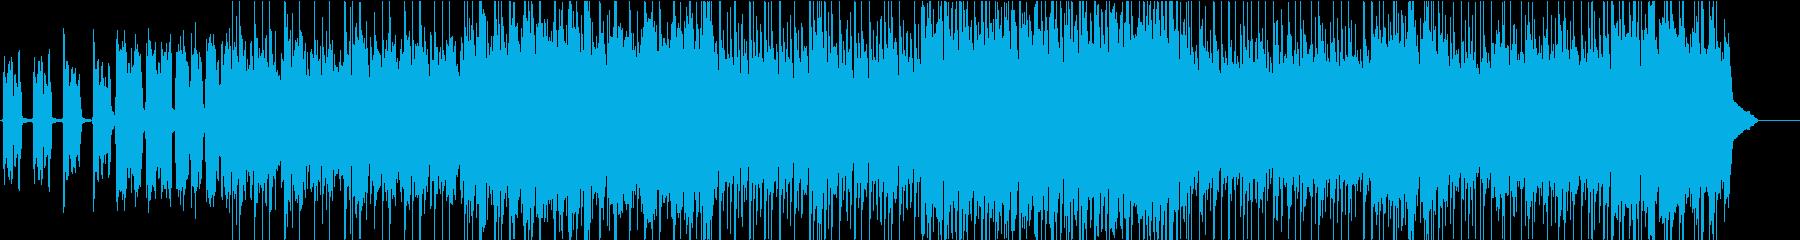 ガムラン音楽のようなエスニック風インストの再生済みの波形